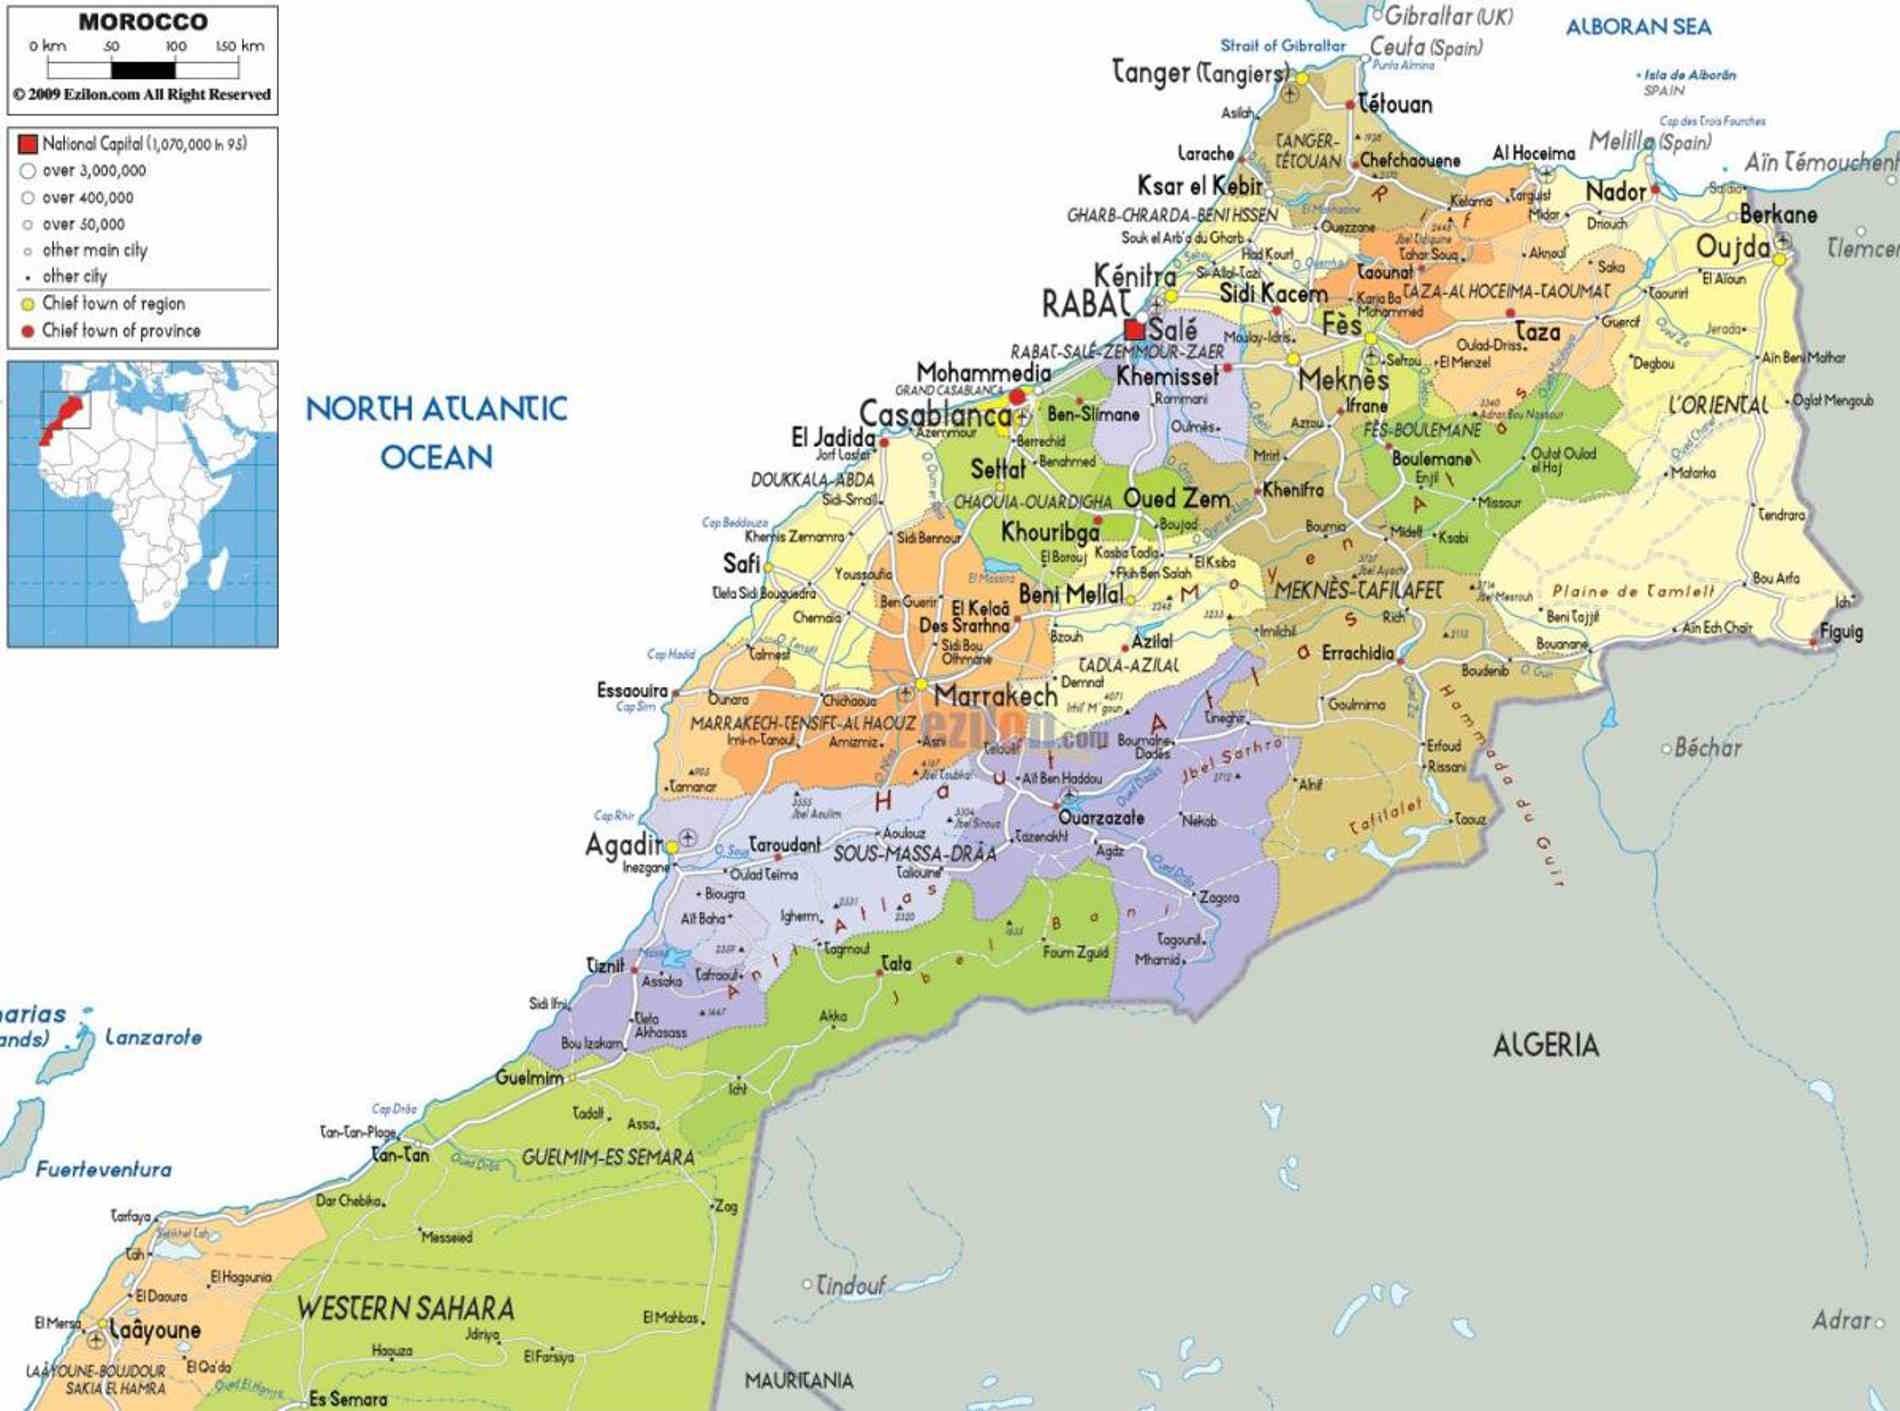 Cartina Politica Del Marocco.Cosa Vedere A Ouarzazate E Dintorni La Via Delle Kasbah E Delle Rose